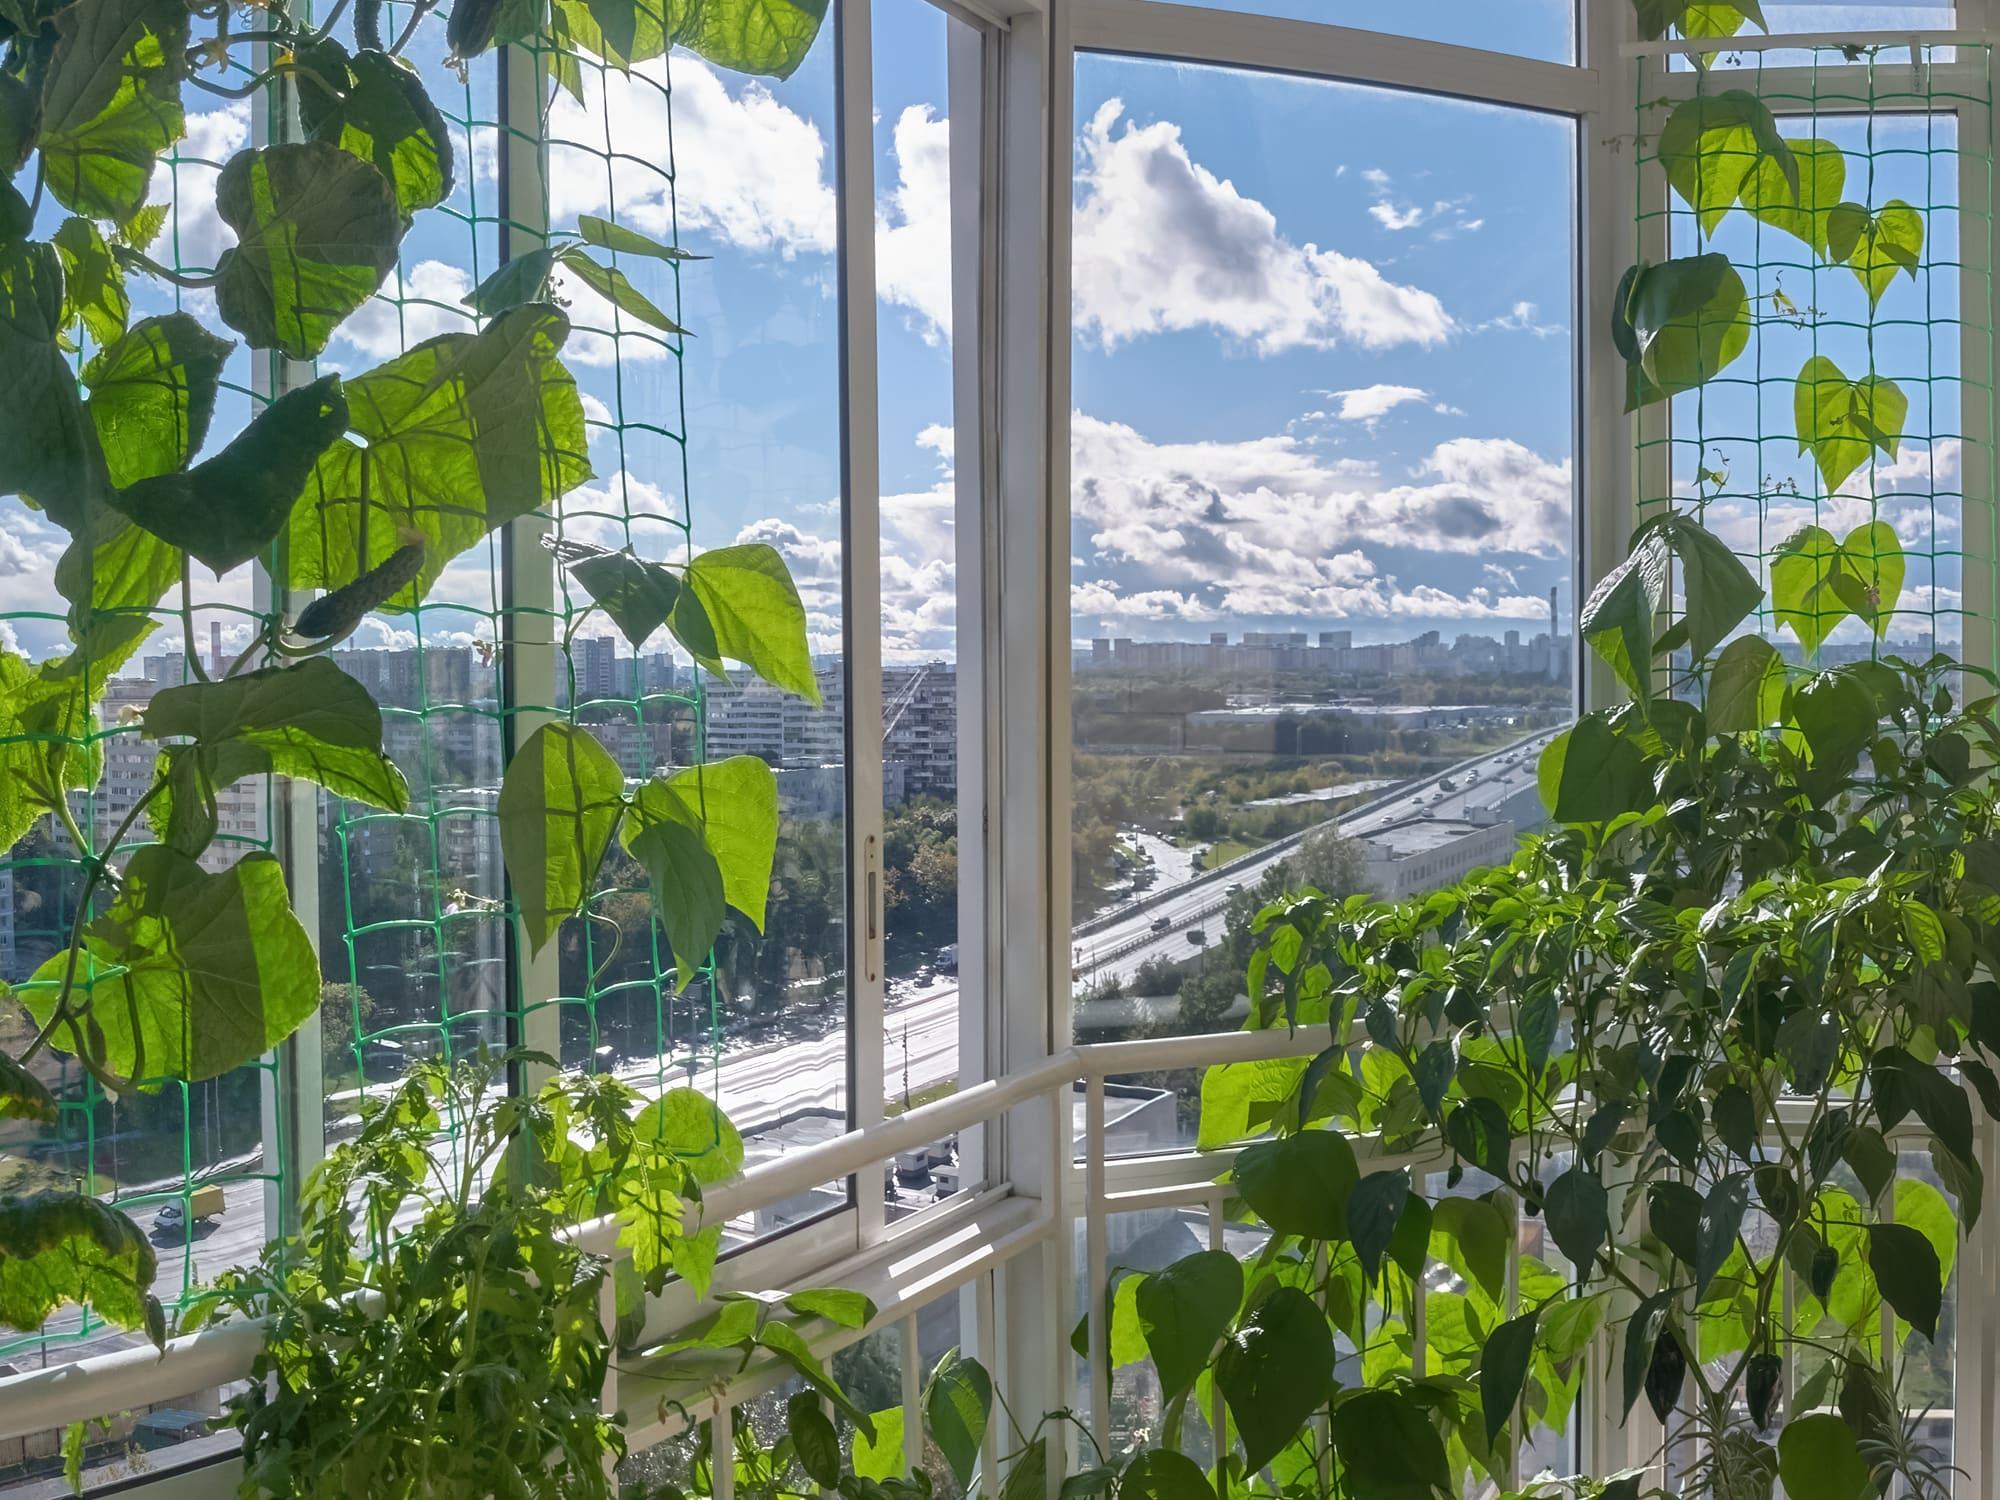 Моя балконно-гидропонная оранжерея (2020)